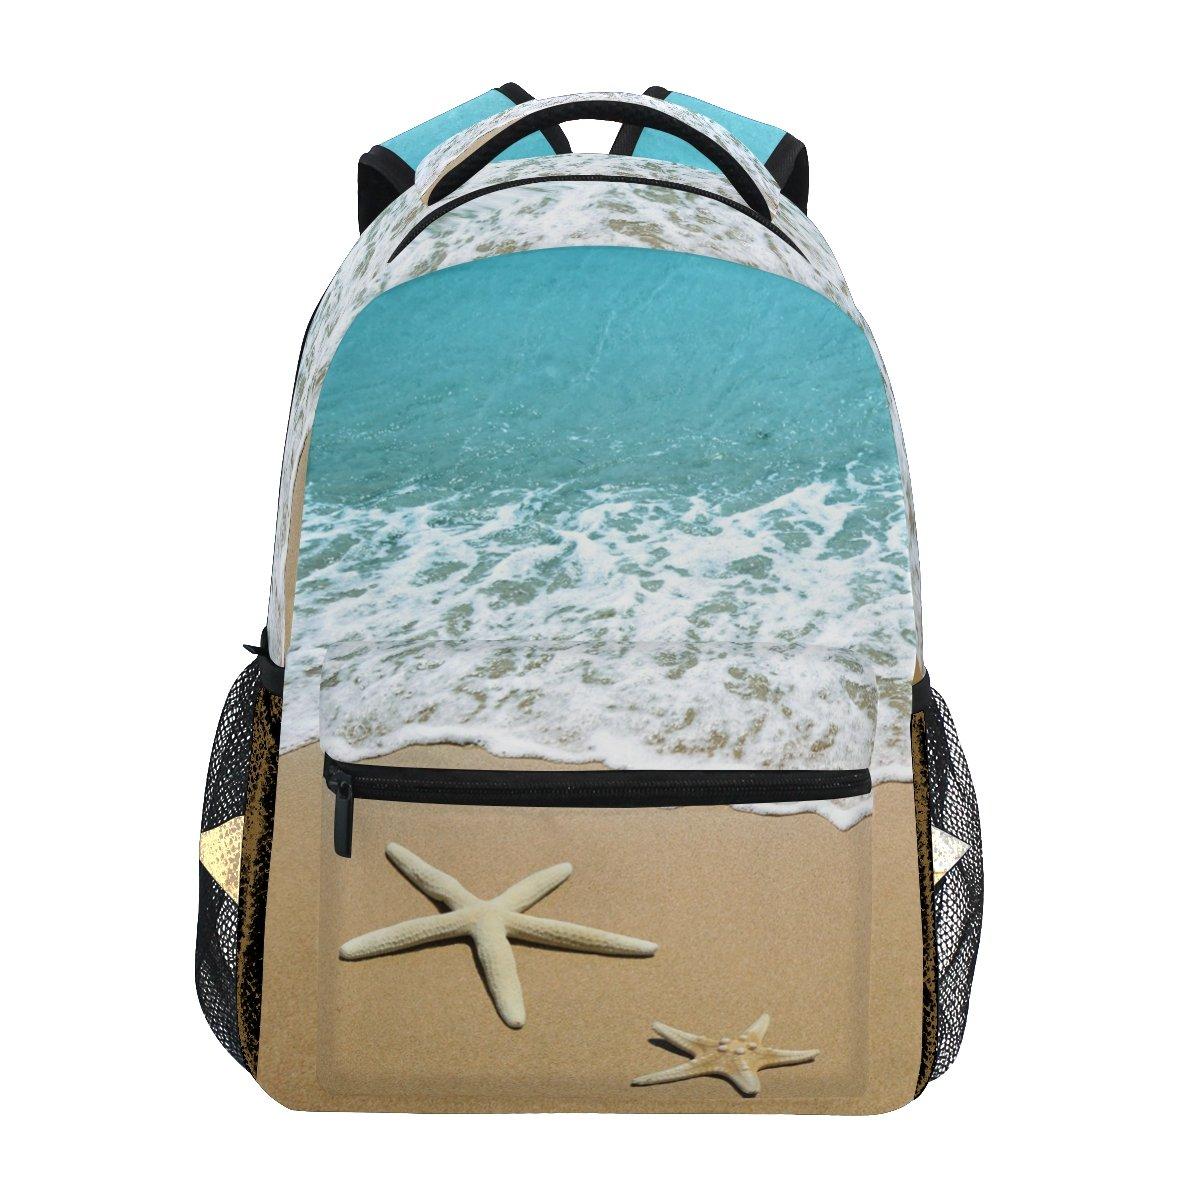 ファッションヒトデon Beach Sandバックパックショルダーバッグレディースガールズ旅行Holiday   B07FYFRWM9